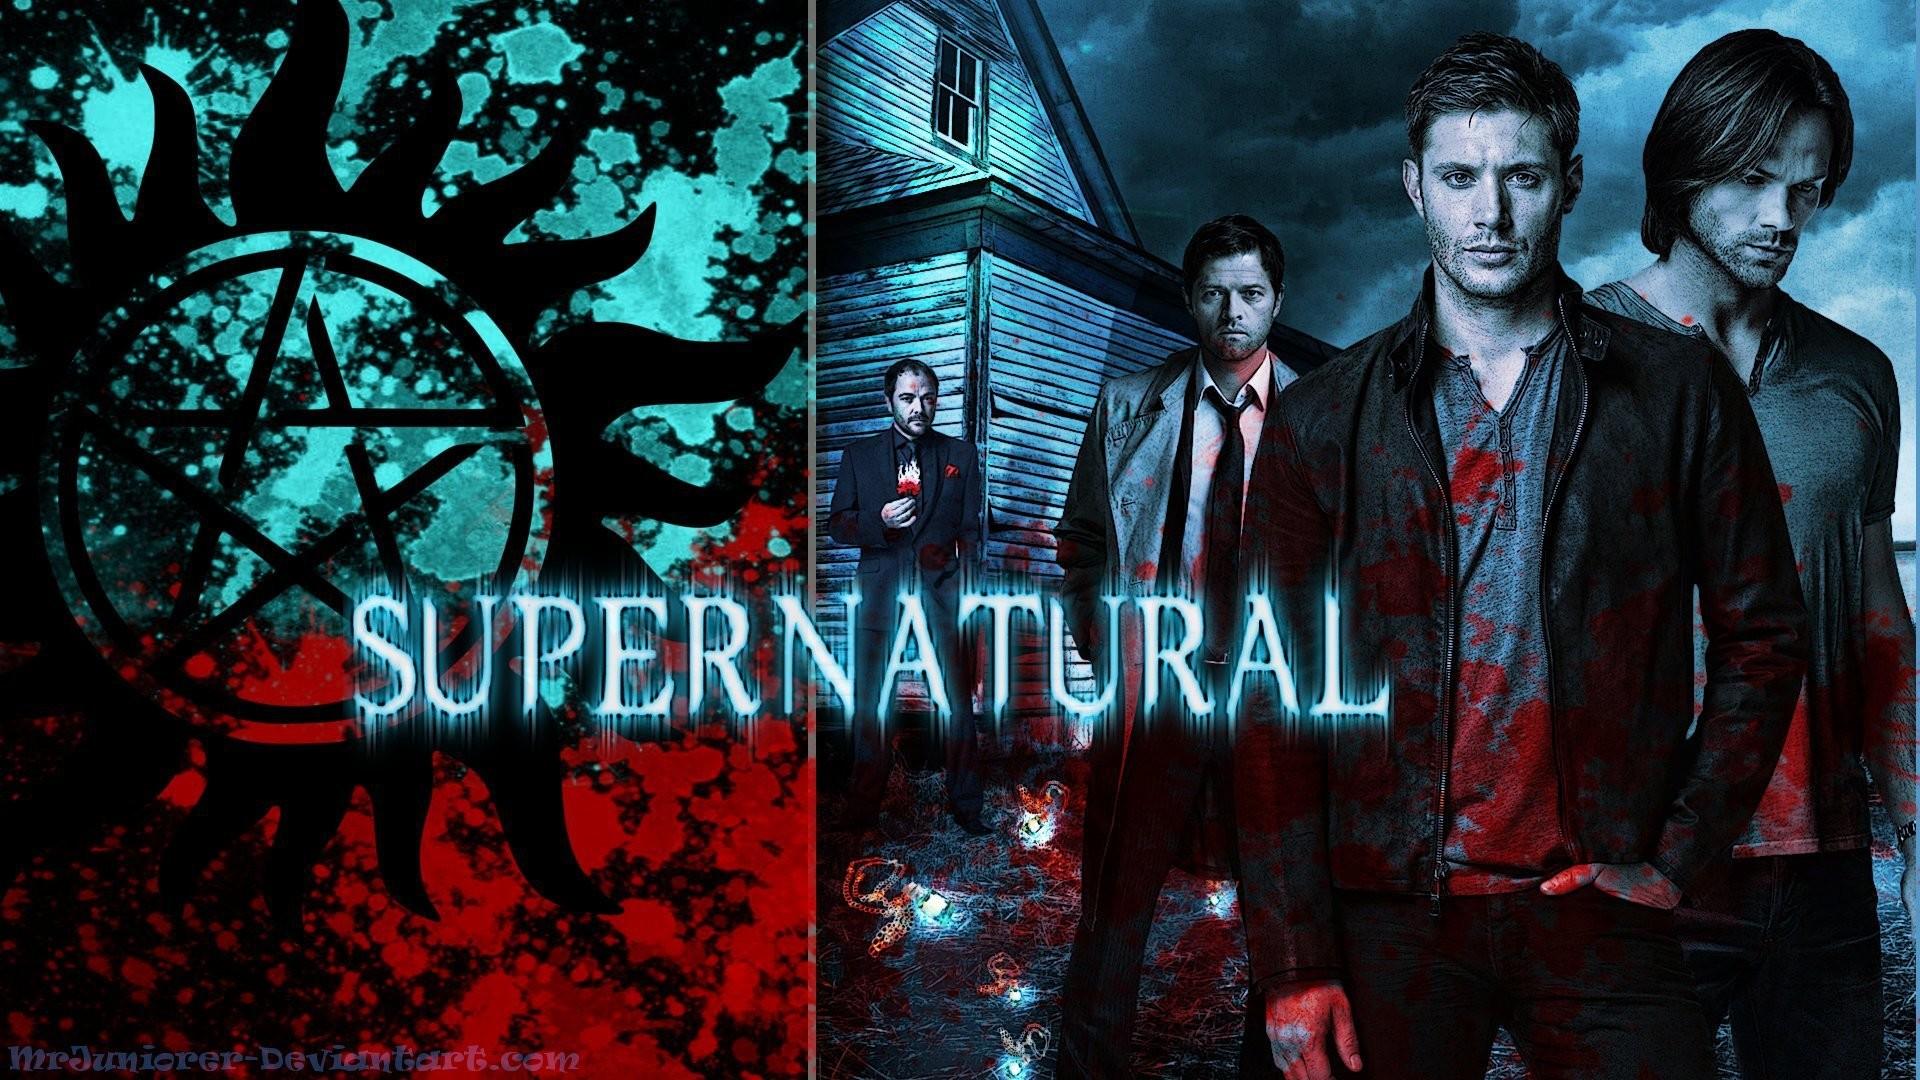 Filename: Supernatural-HD-Wallpaper.jpg